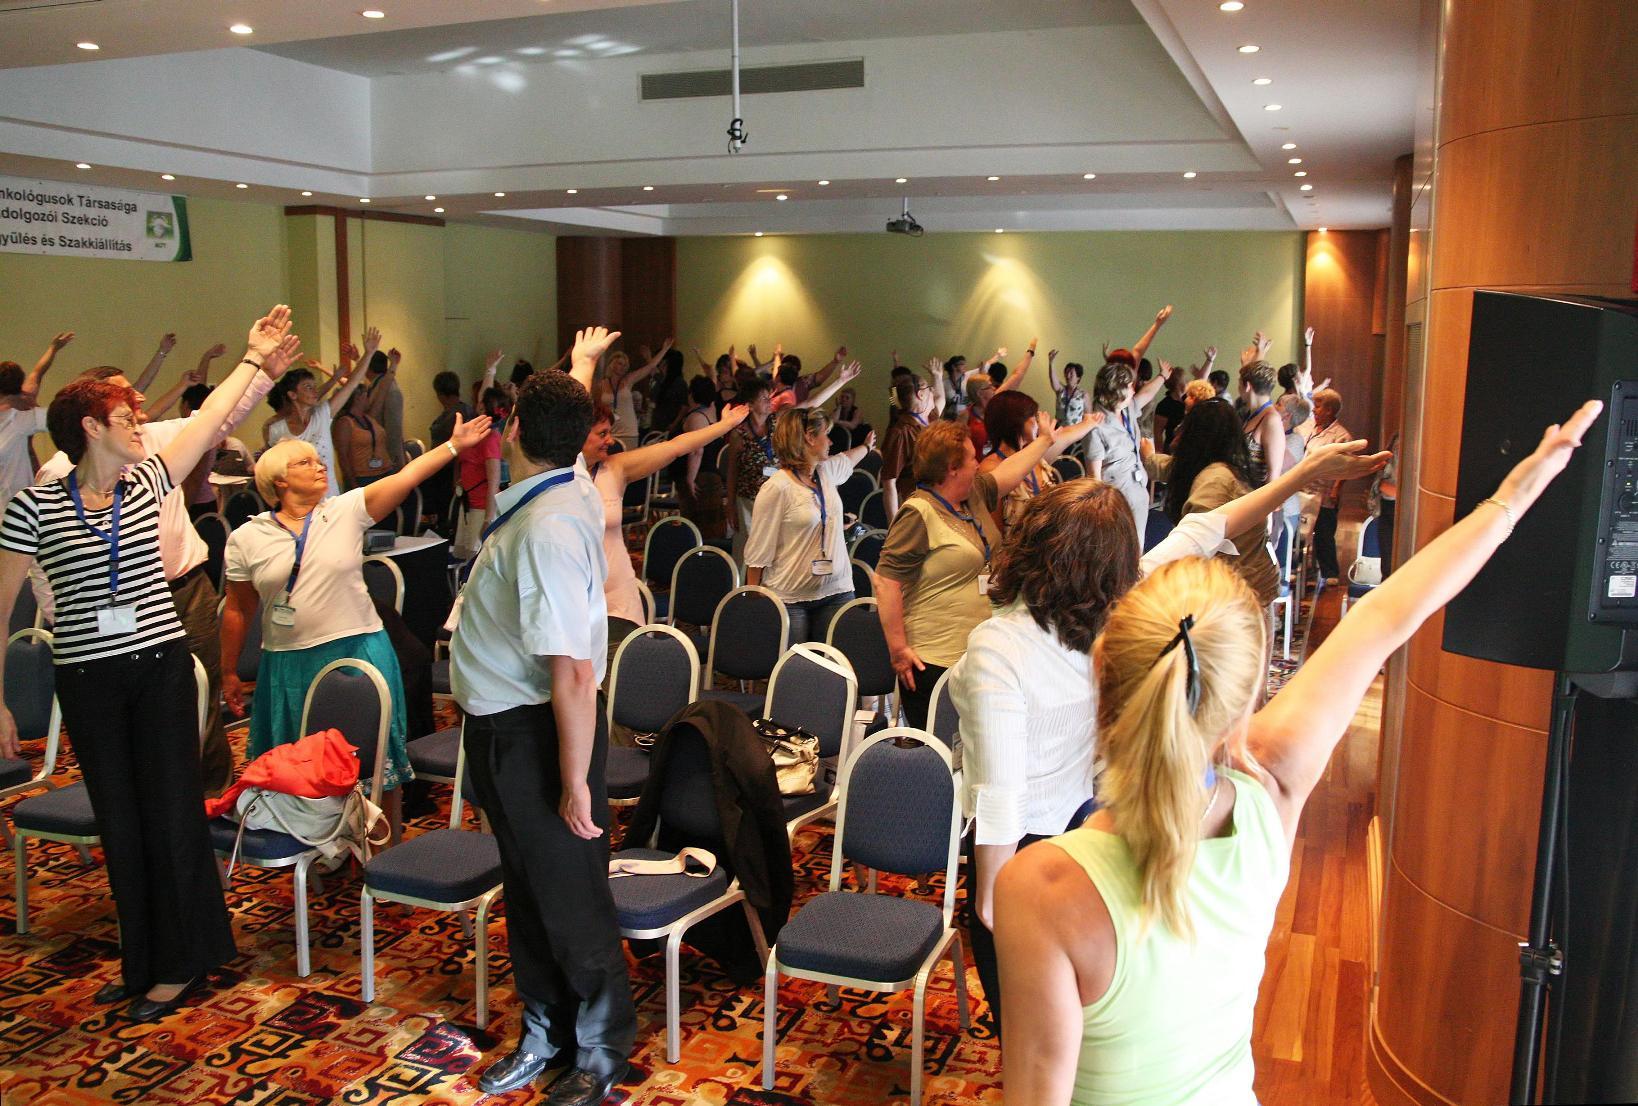 Magyar Onkológusok Társasága Szakdolgozói Szekció III. Vándorgyűlés és Szakkiállítás 2012